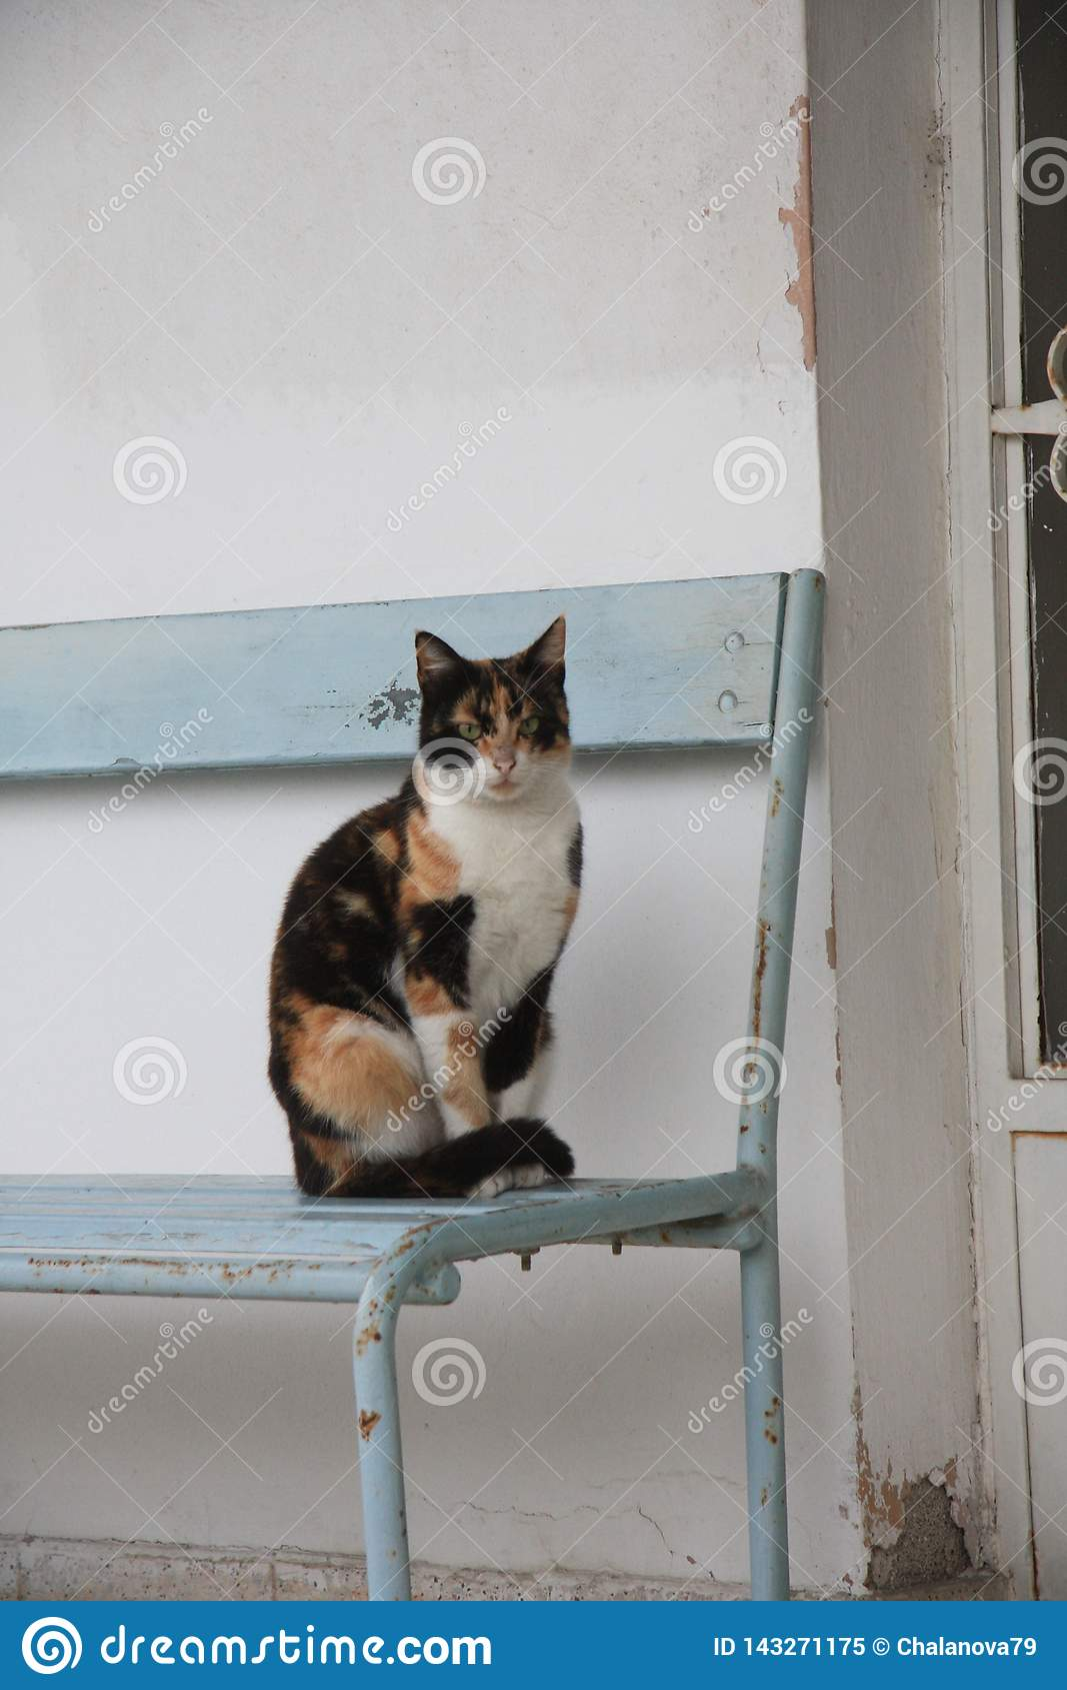 Condizione del gatto sulla sedia fuori della casa